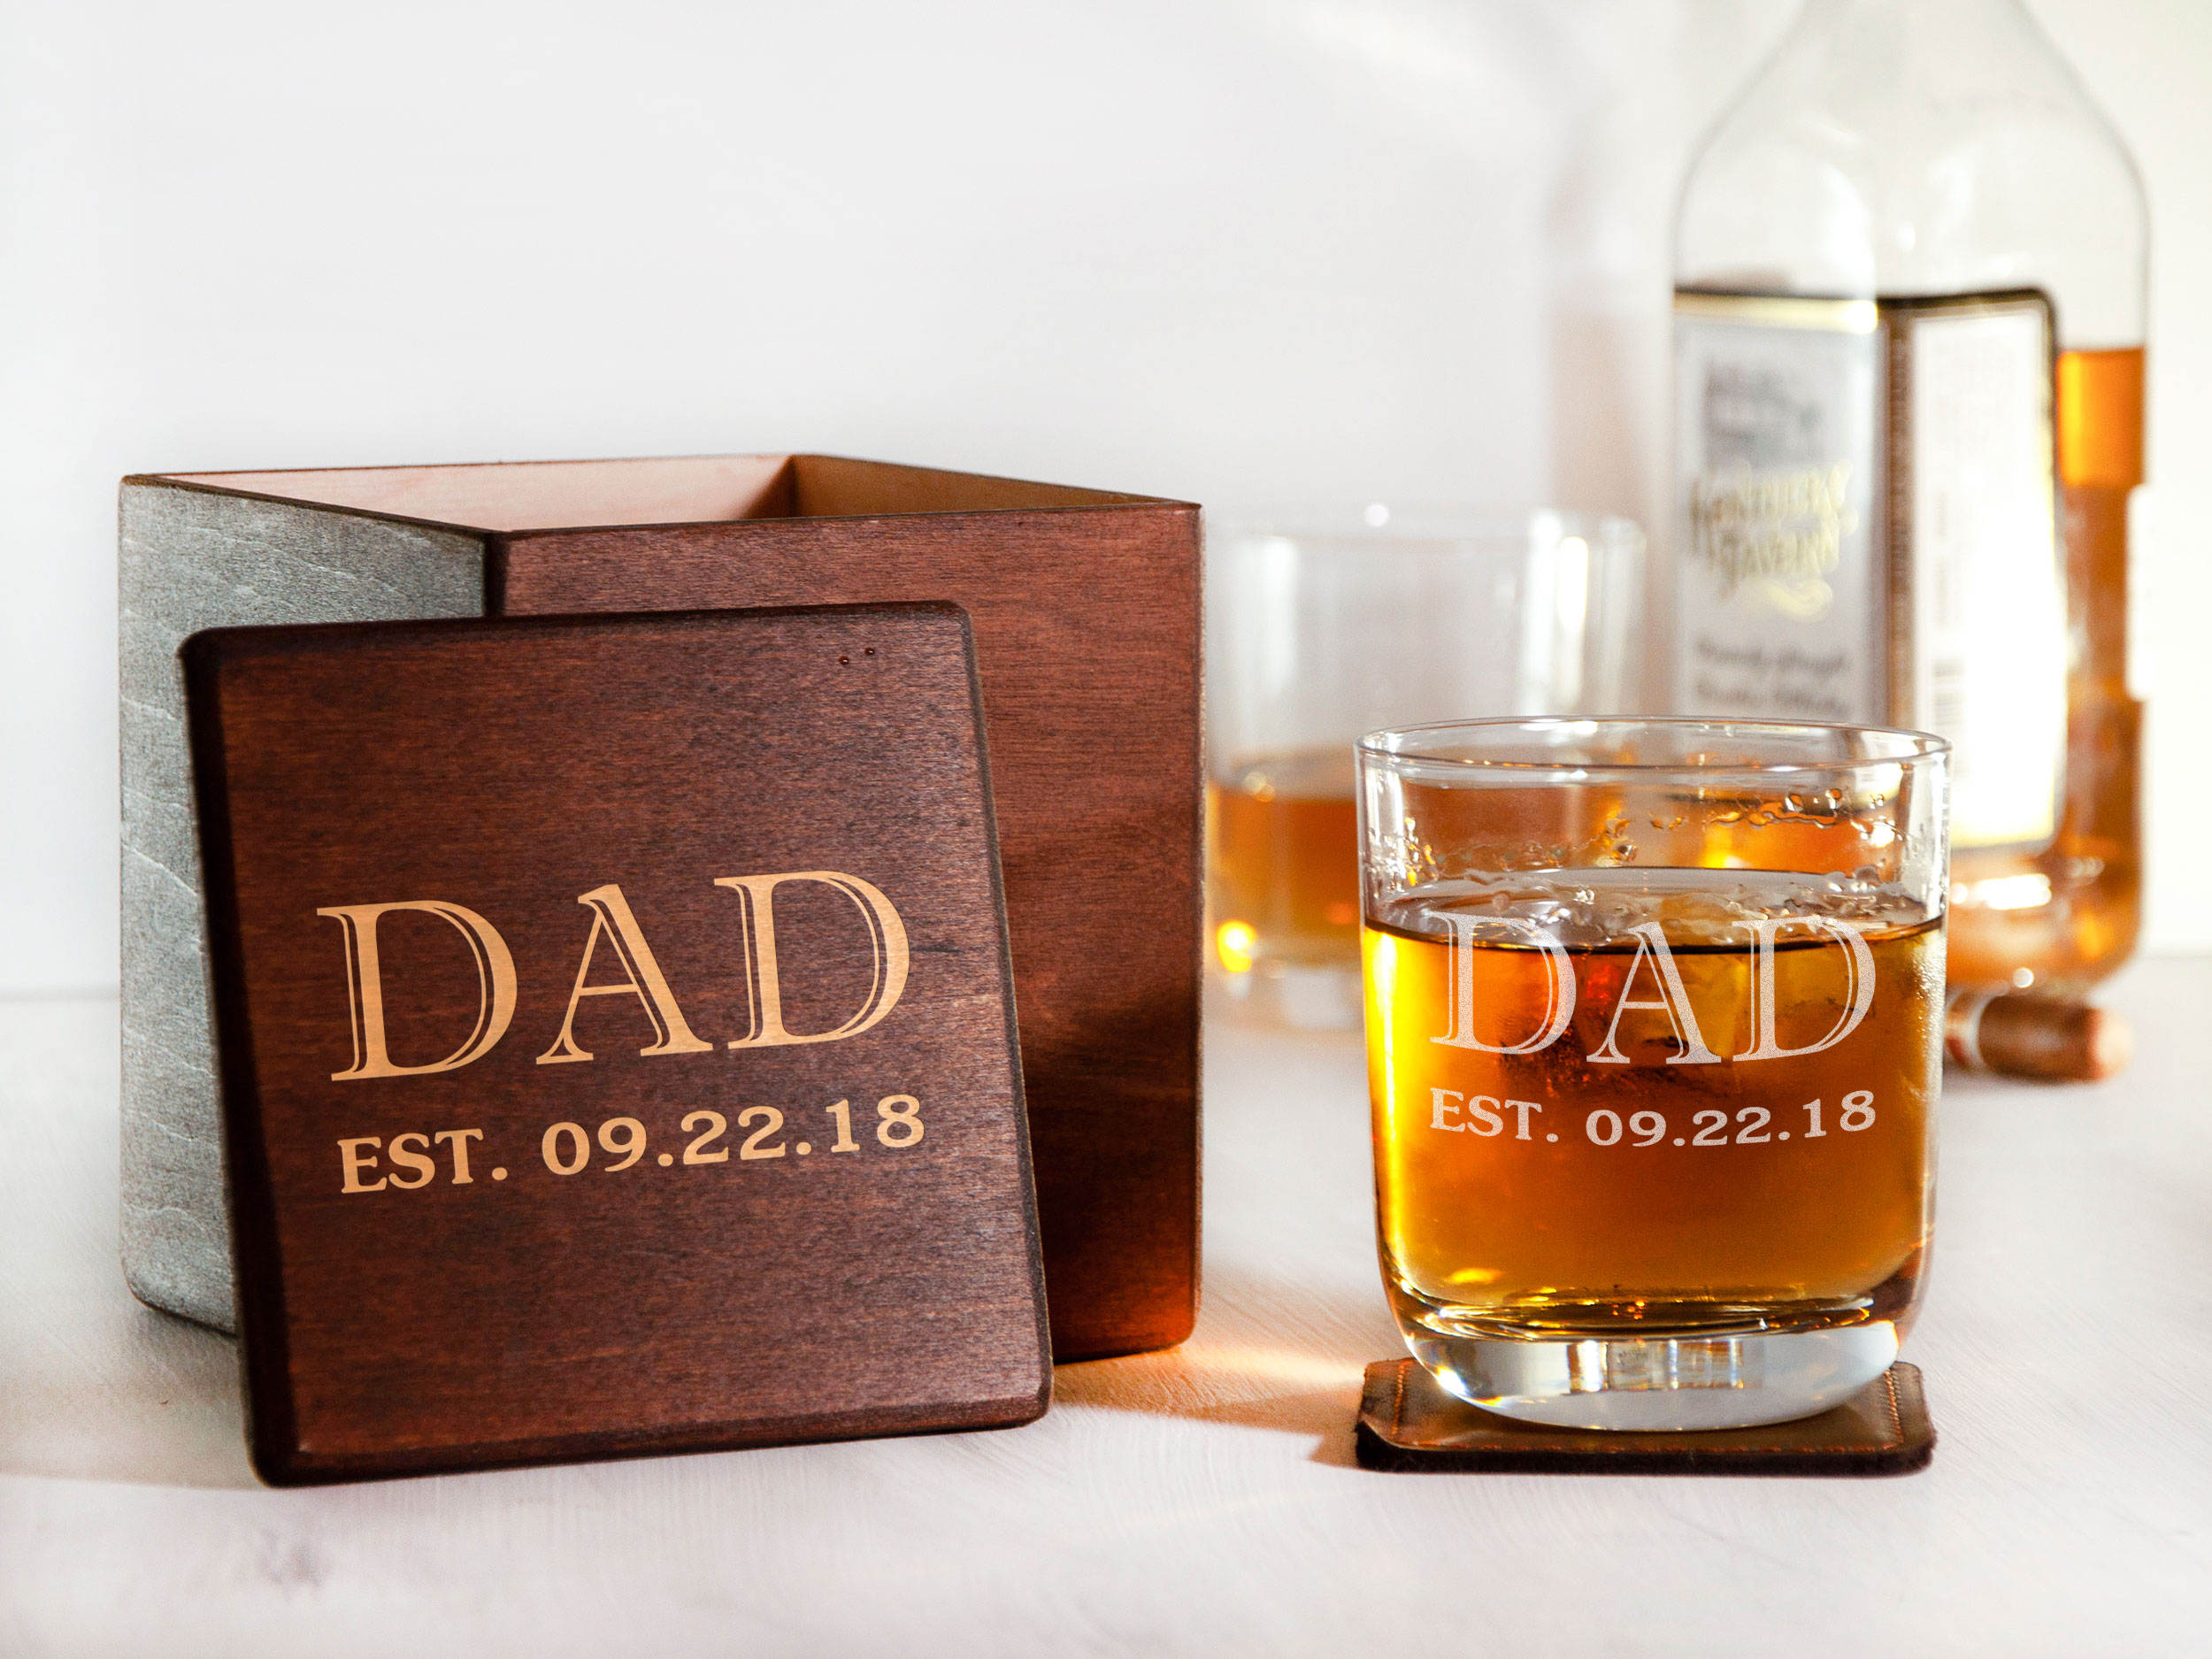 Оригинальный стакан для виски в деревянной коробке в подарок папе